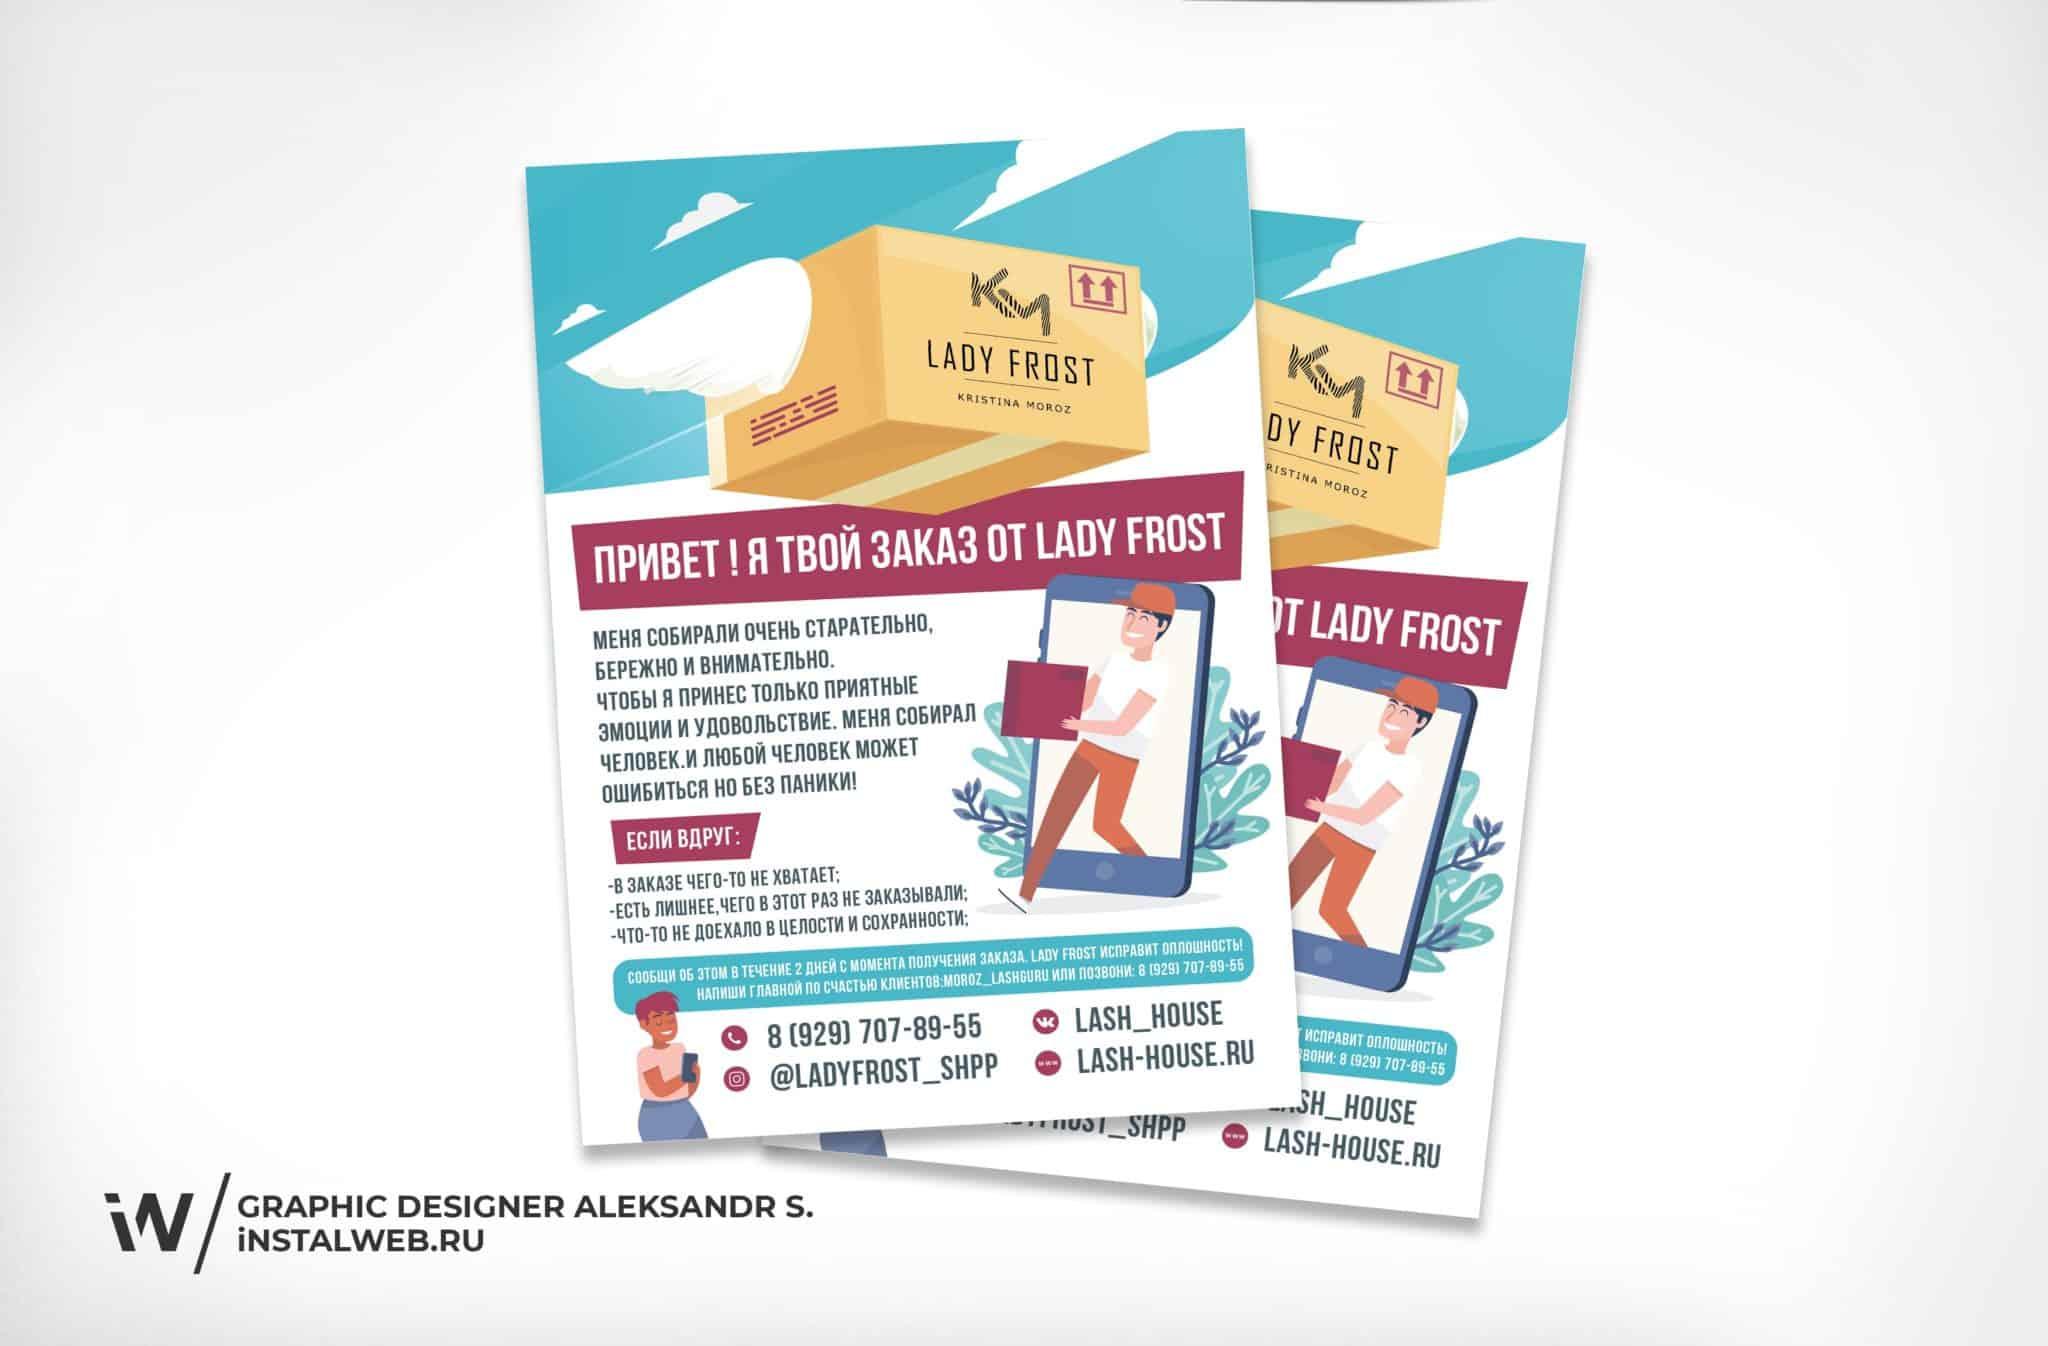 Дизайн листовки (флаера) 4